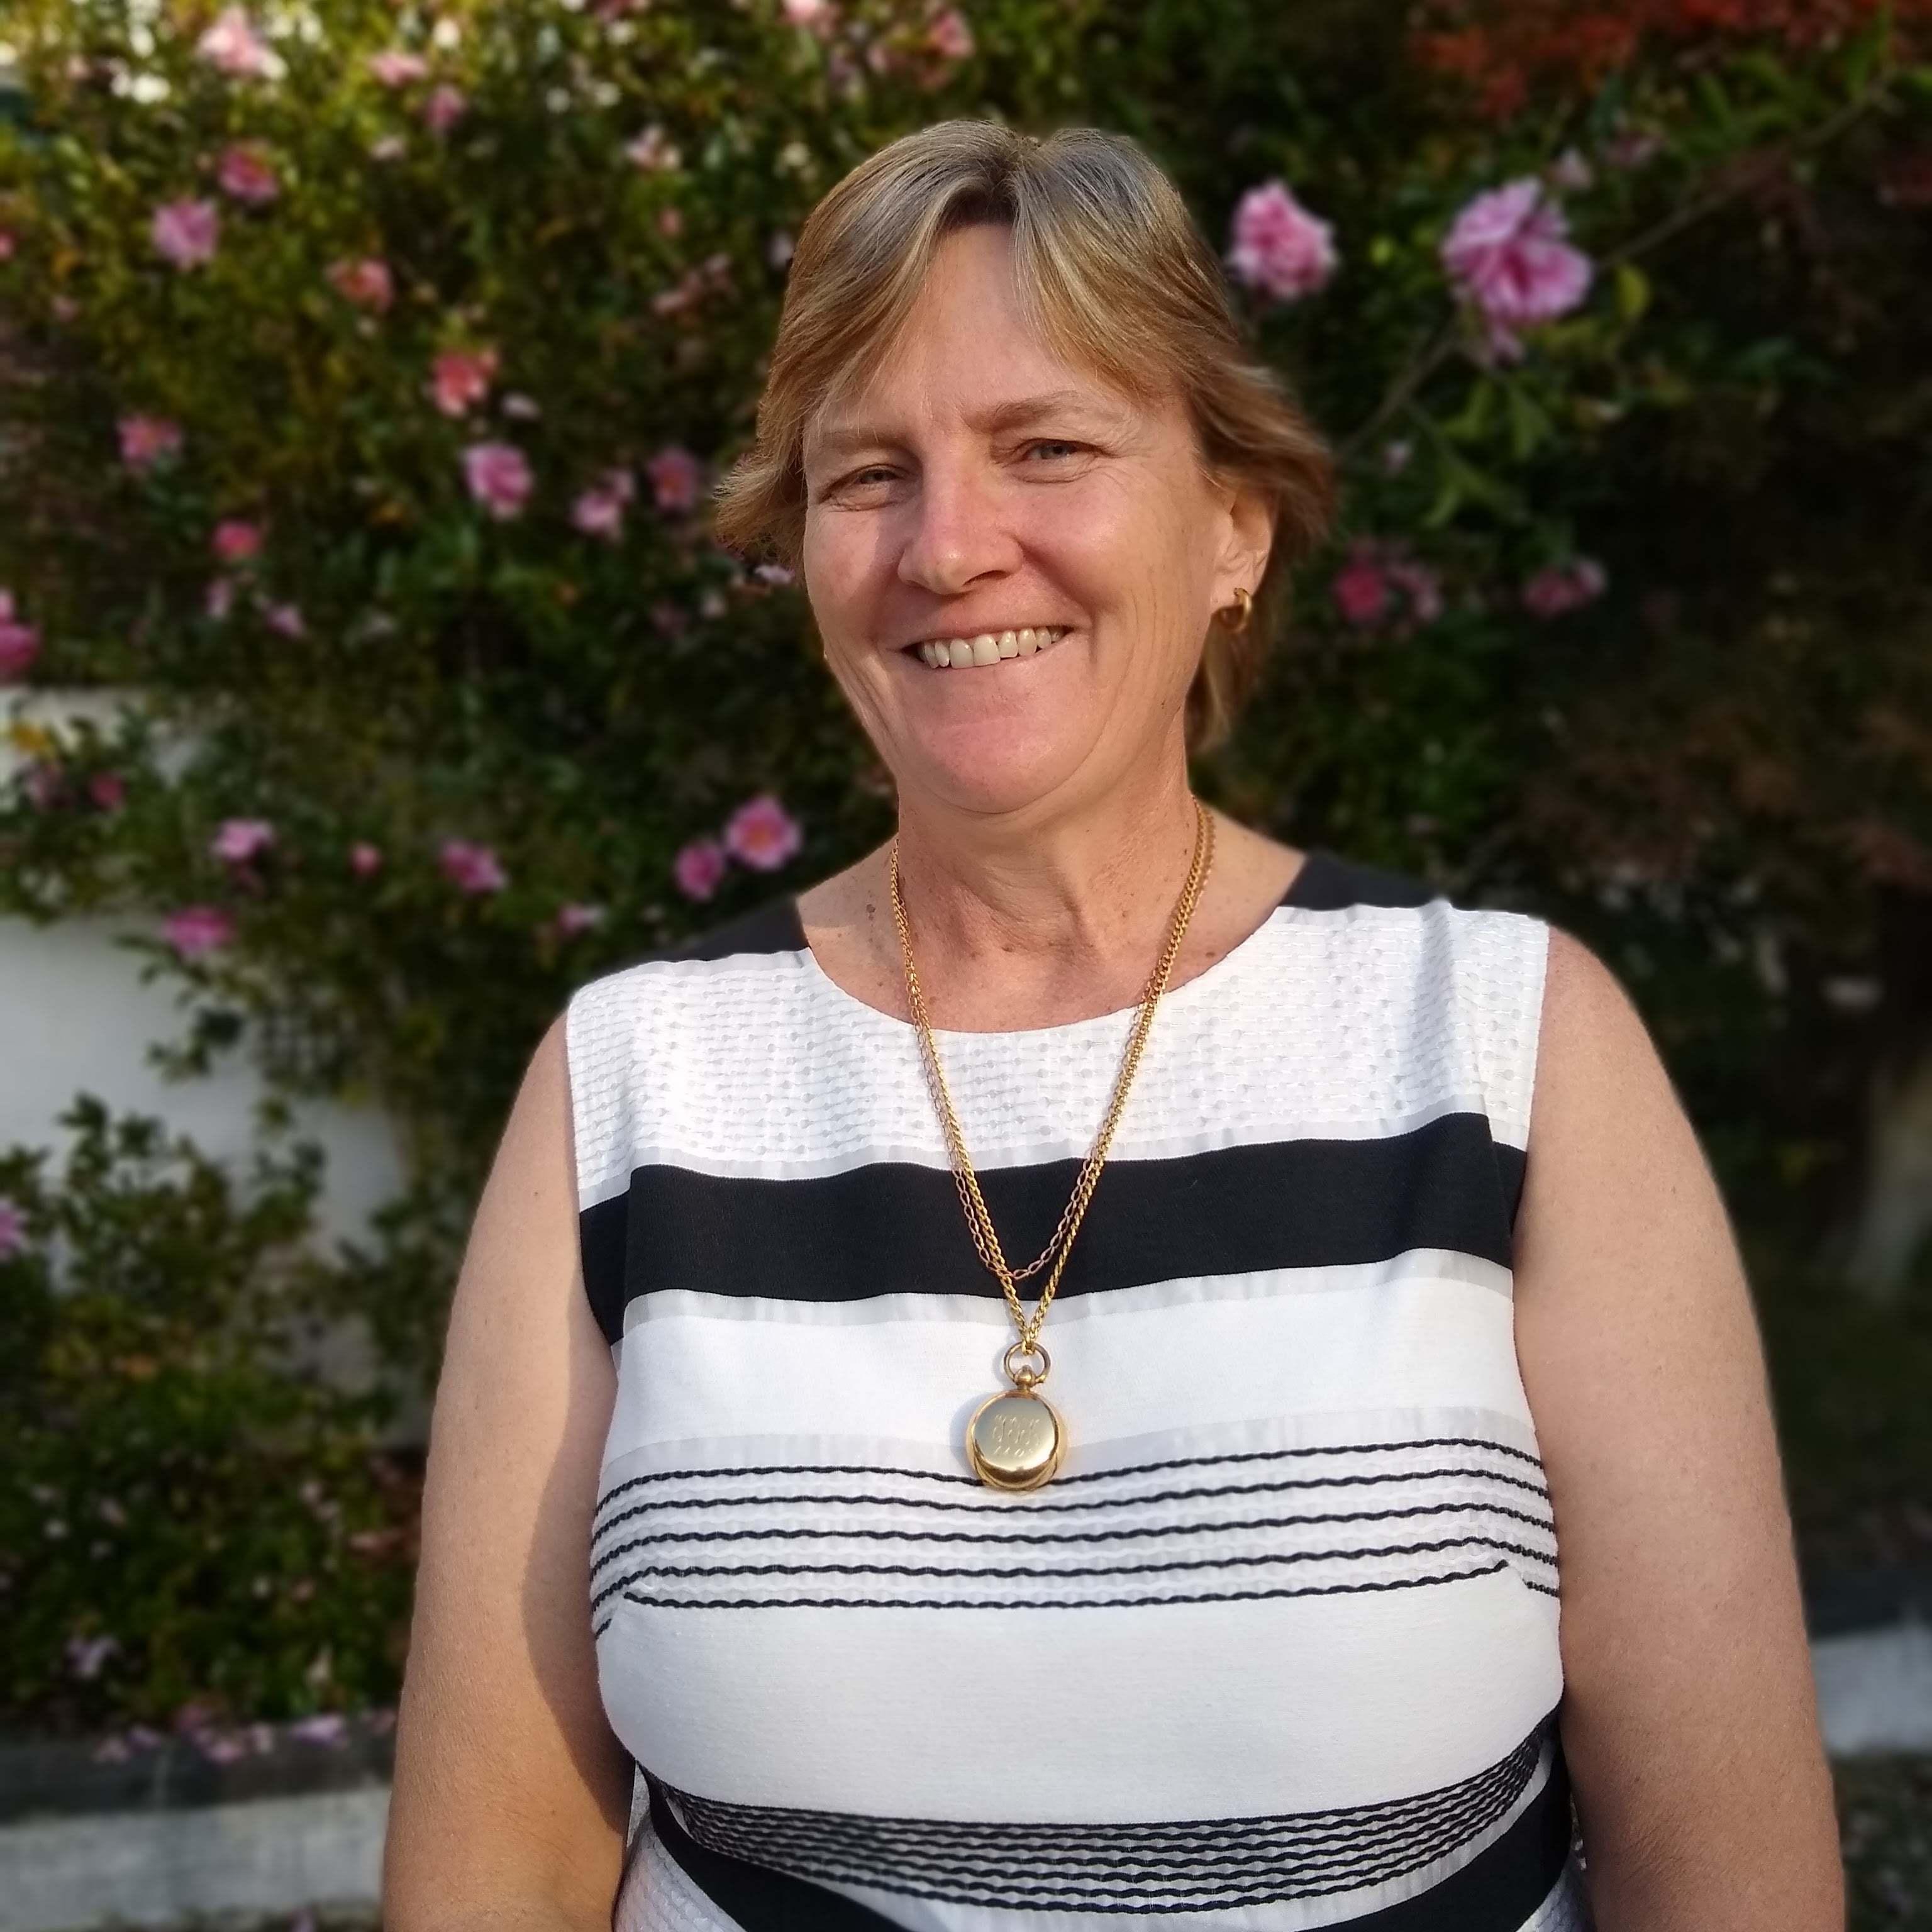 Angela Keast